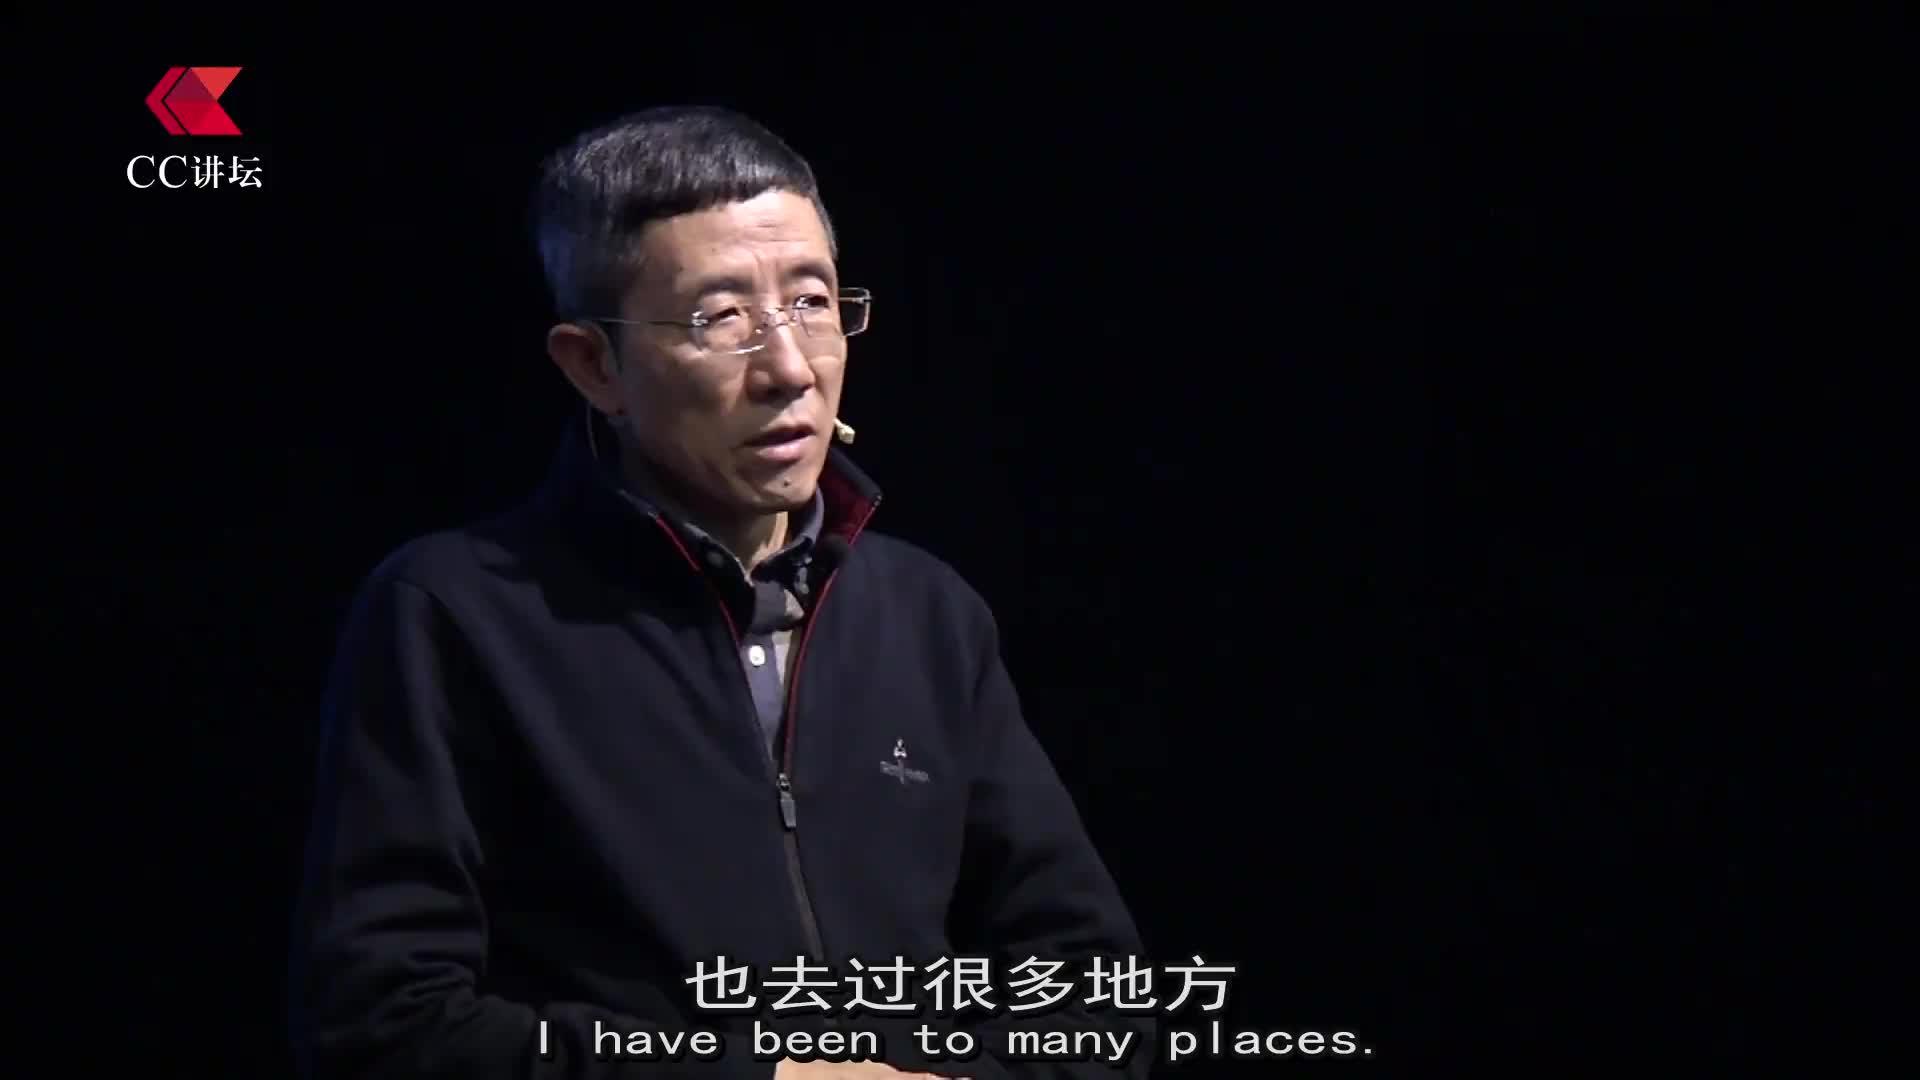 【CC讲坛_公益】李小云:贫困是因为懒惰吗?